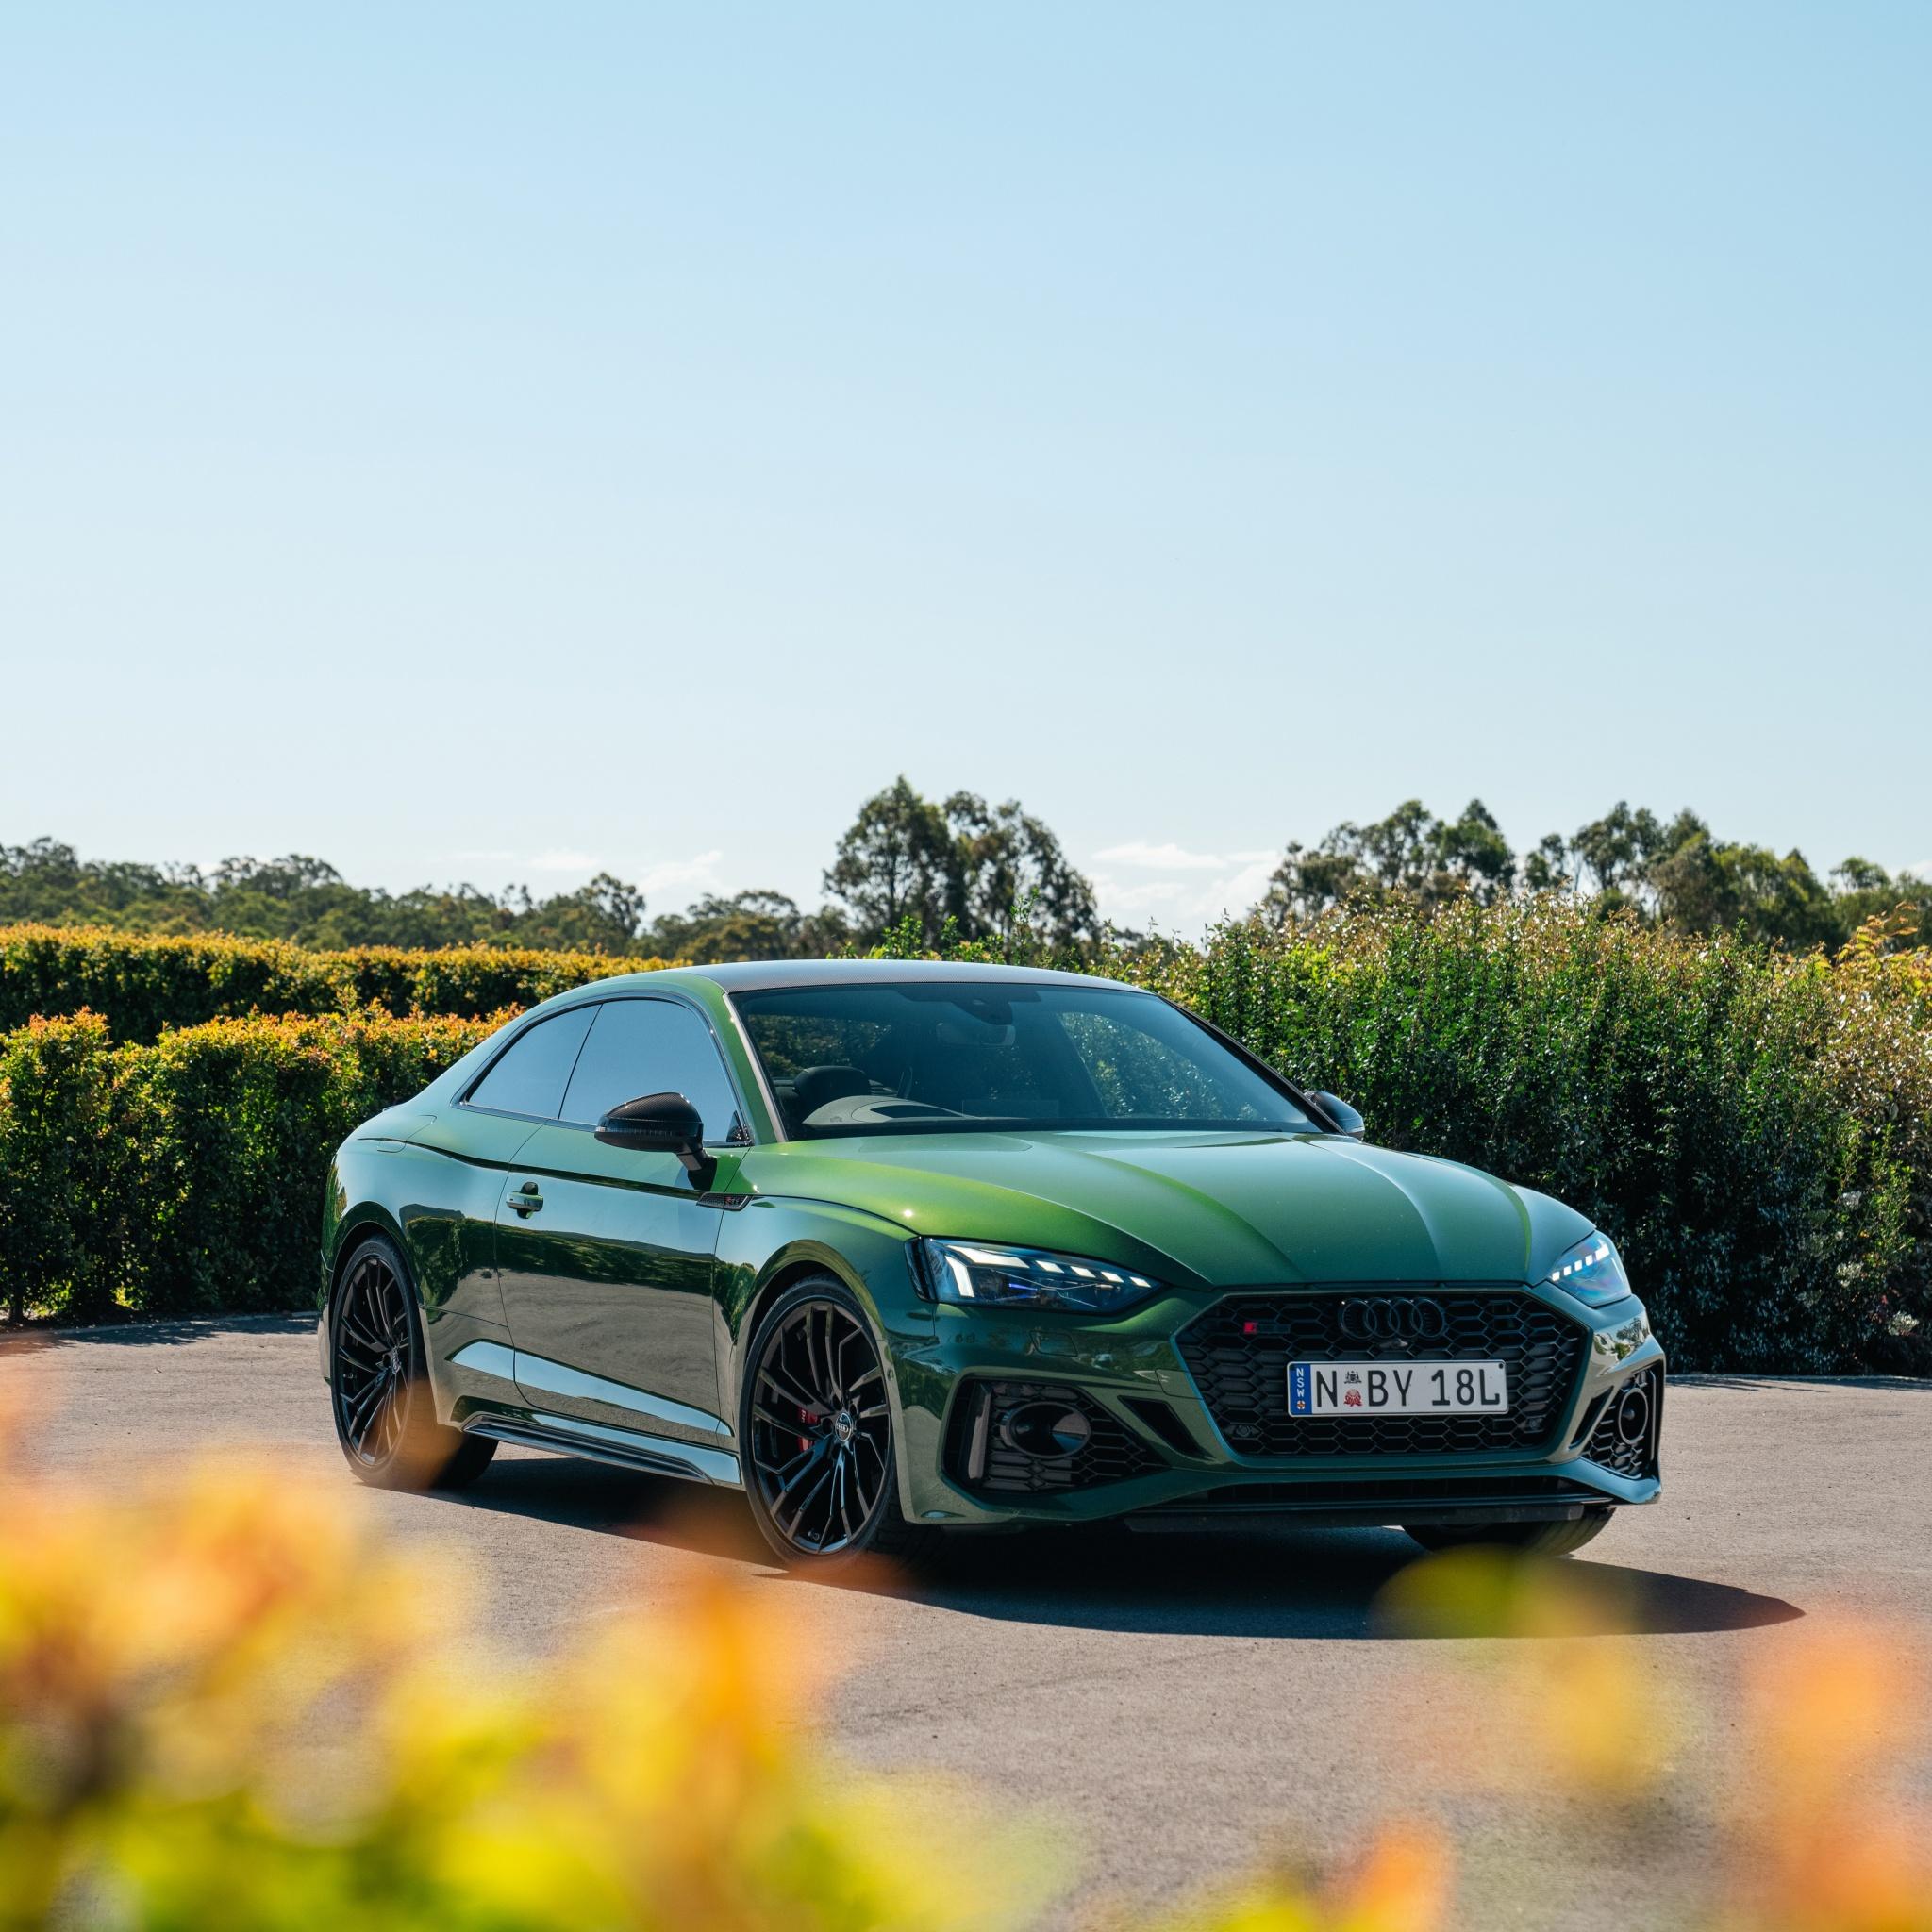 Audi RS 5 Coupé 4K Wallpaper, 2020, Cars, #3021